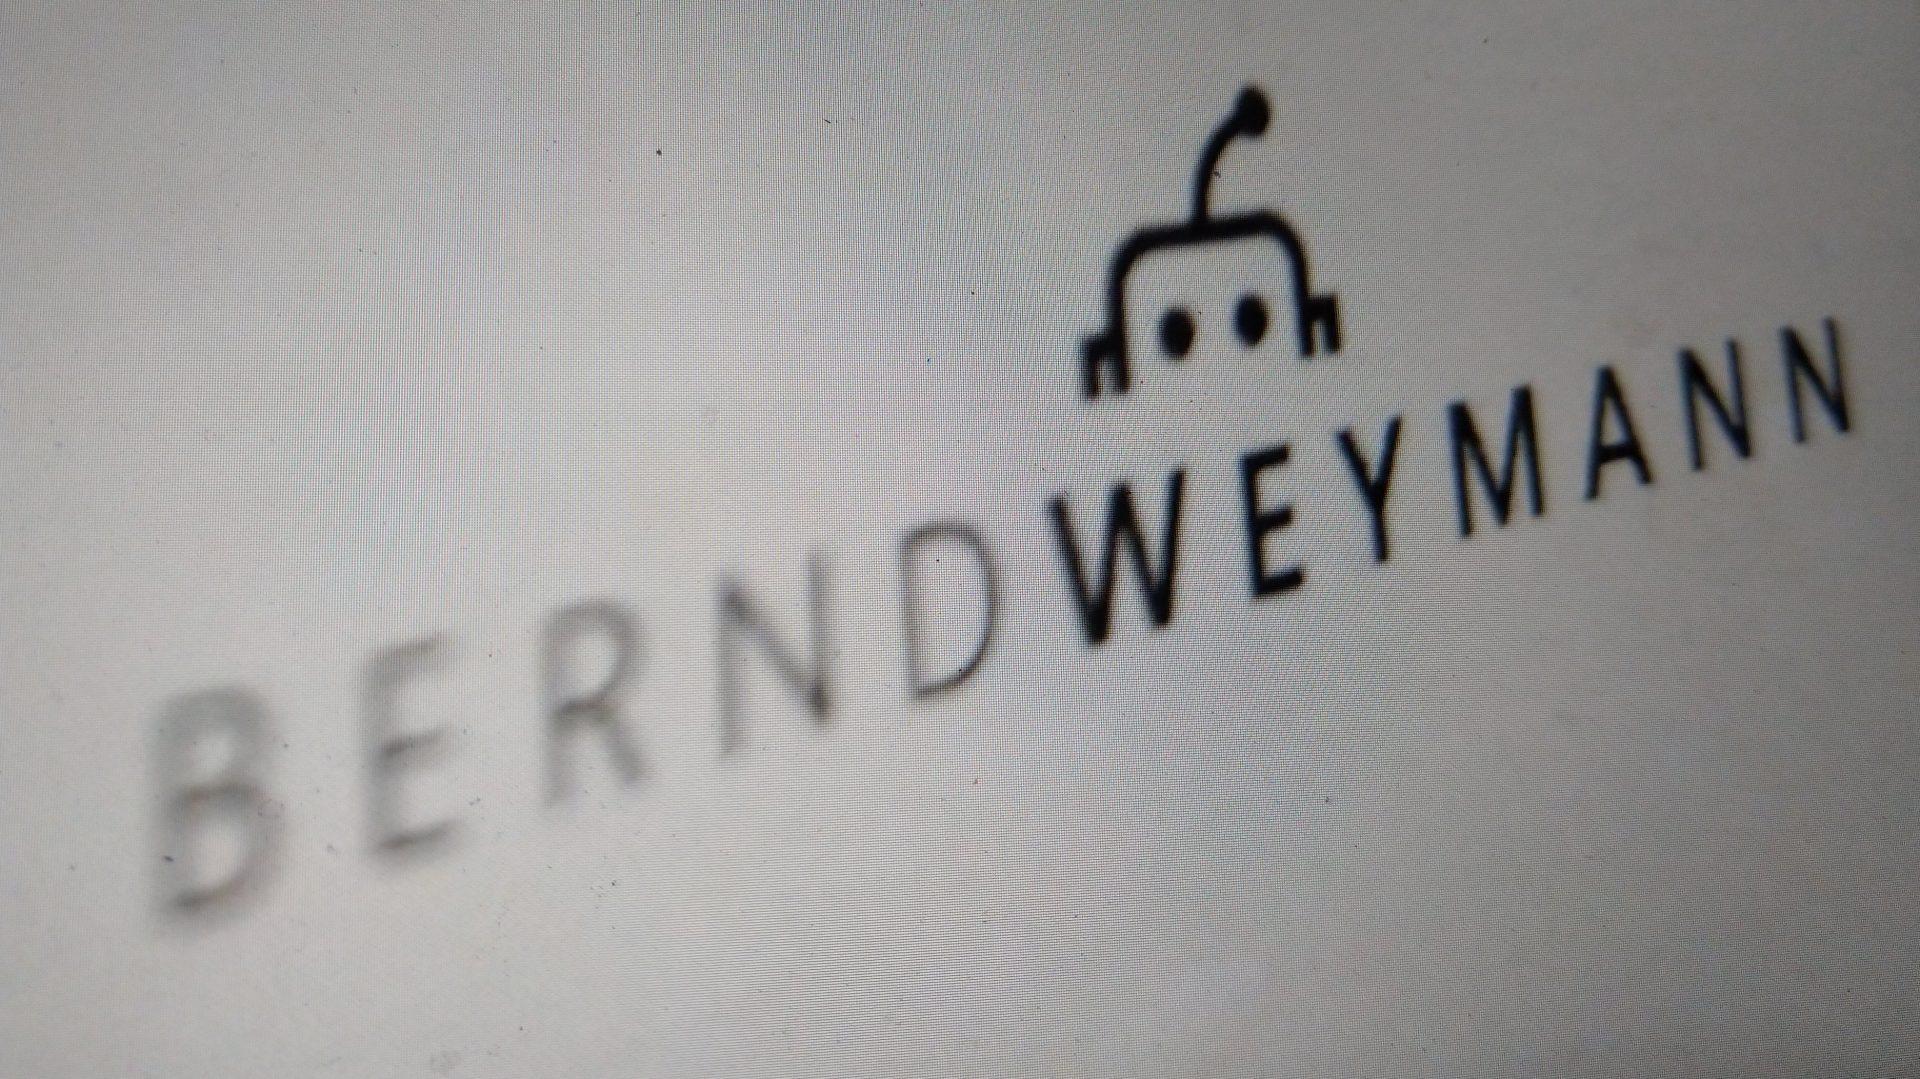 we.ymann.de